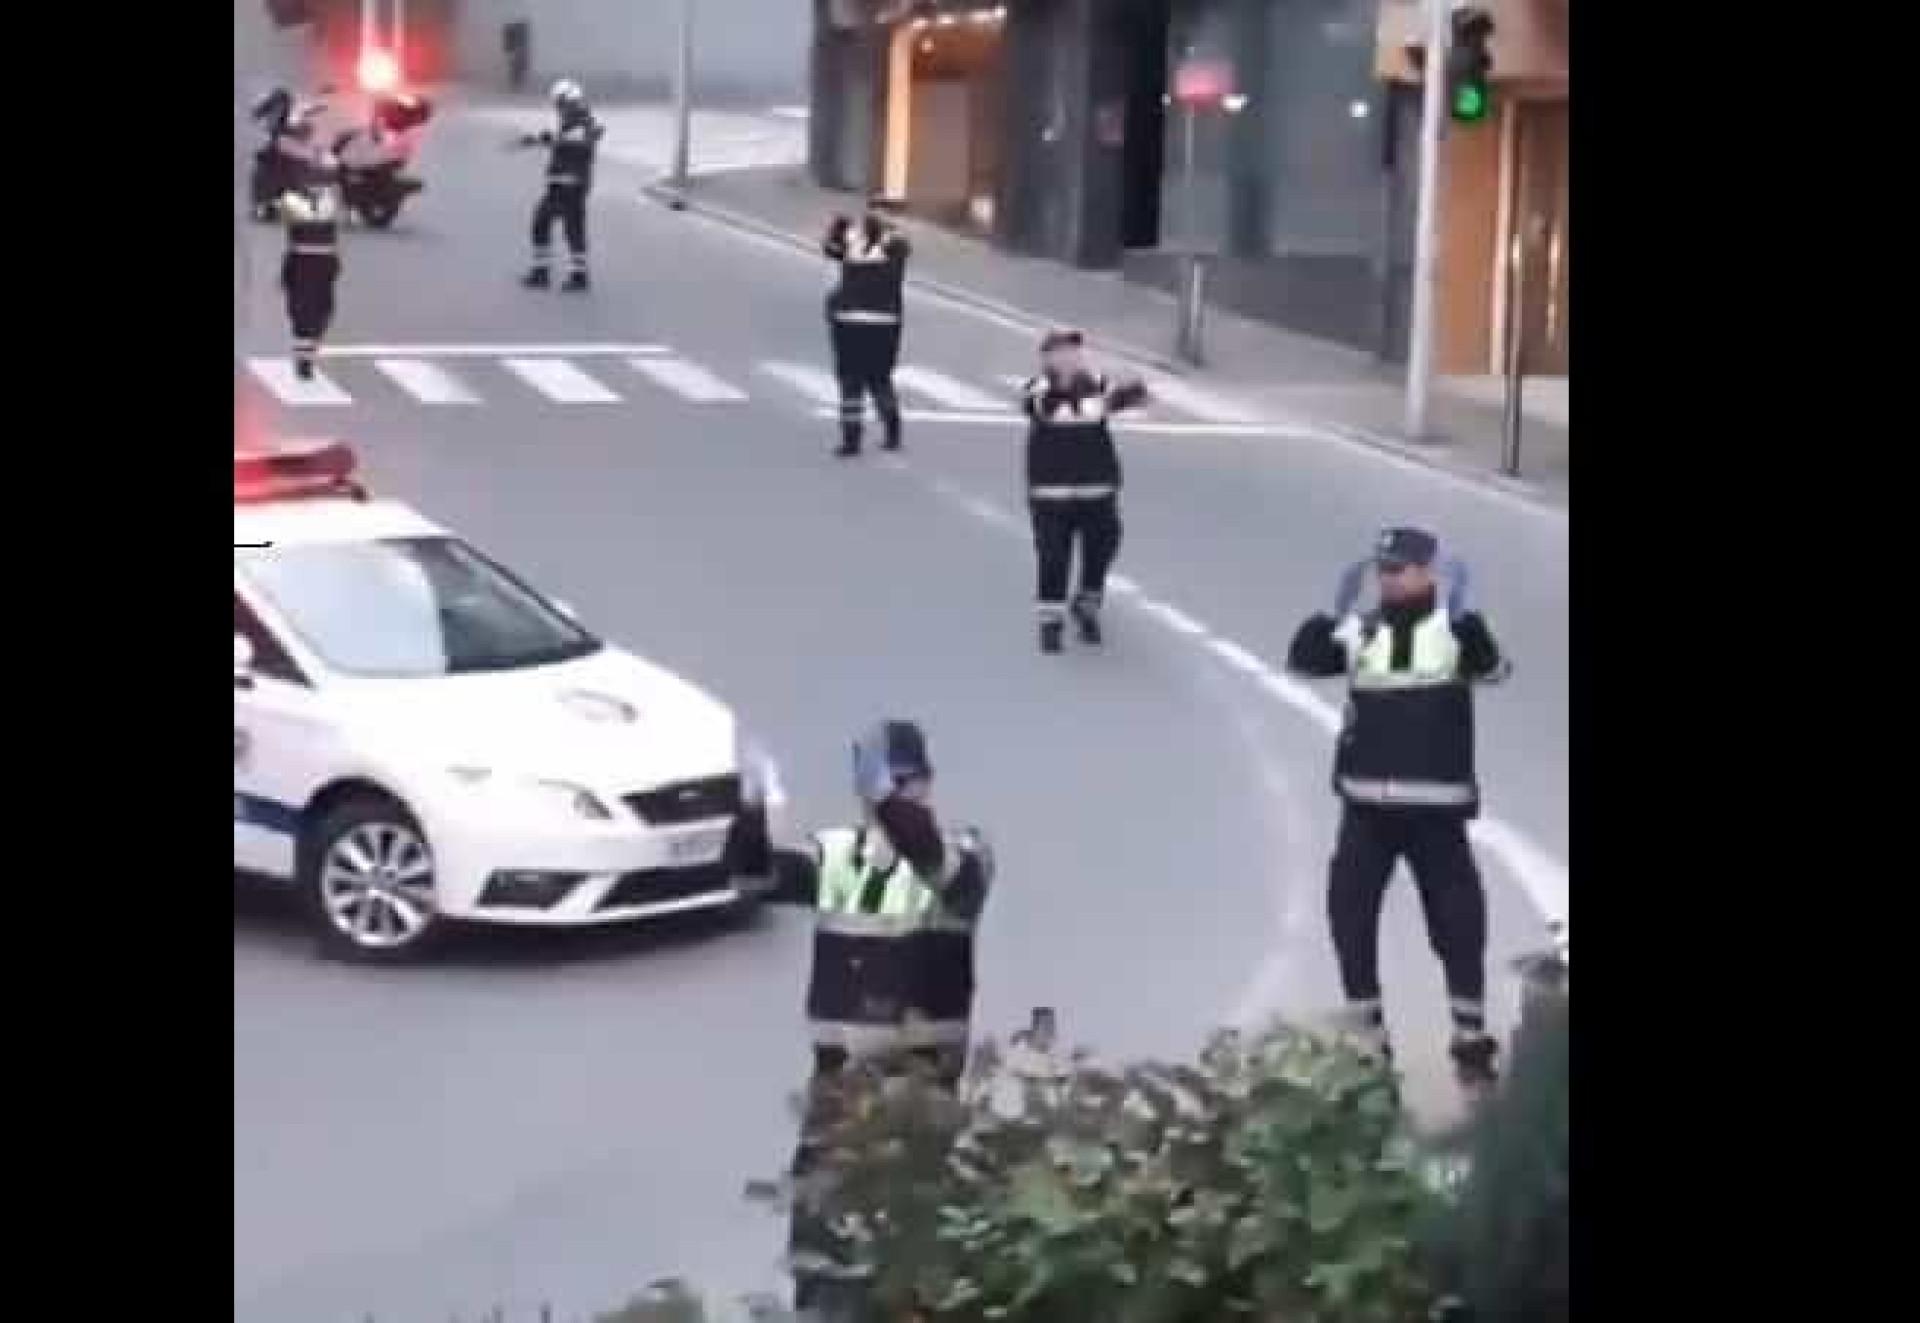 Guardia Civil agradece homenagens dançando ao som de... 'Baby Shark'